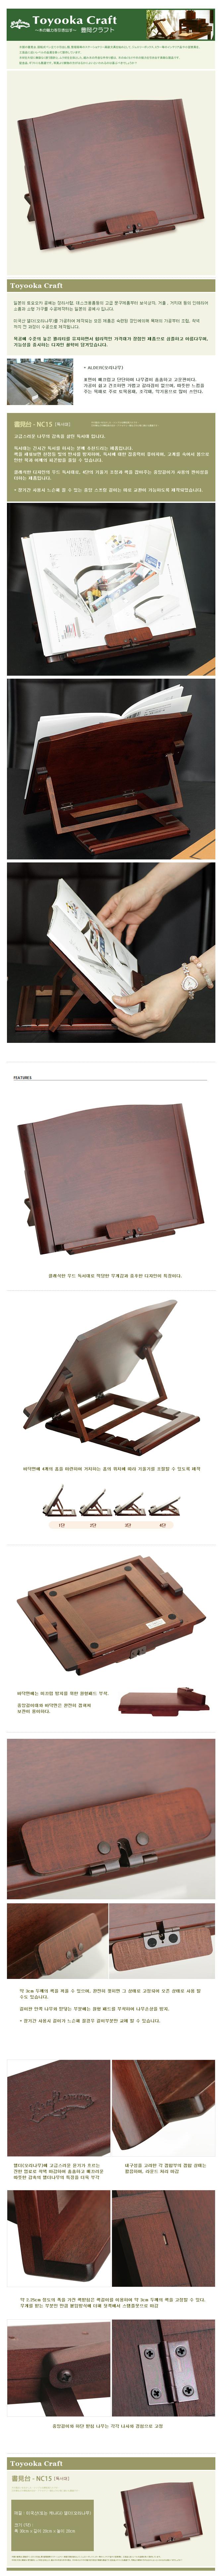 토요오카 크라프트 독서대 NC15 - Bestpen1, 108,000원, 데스크가구, 데스크 정리함